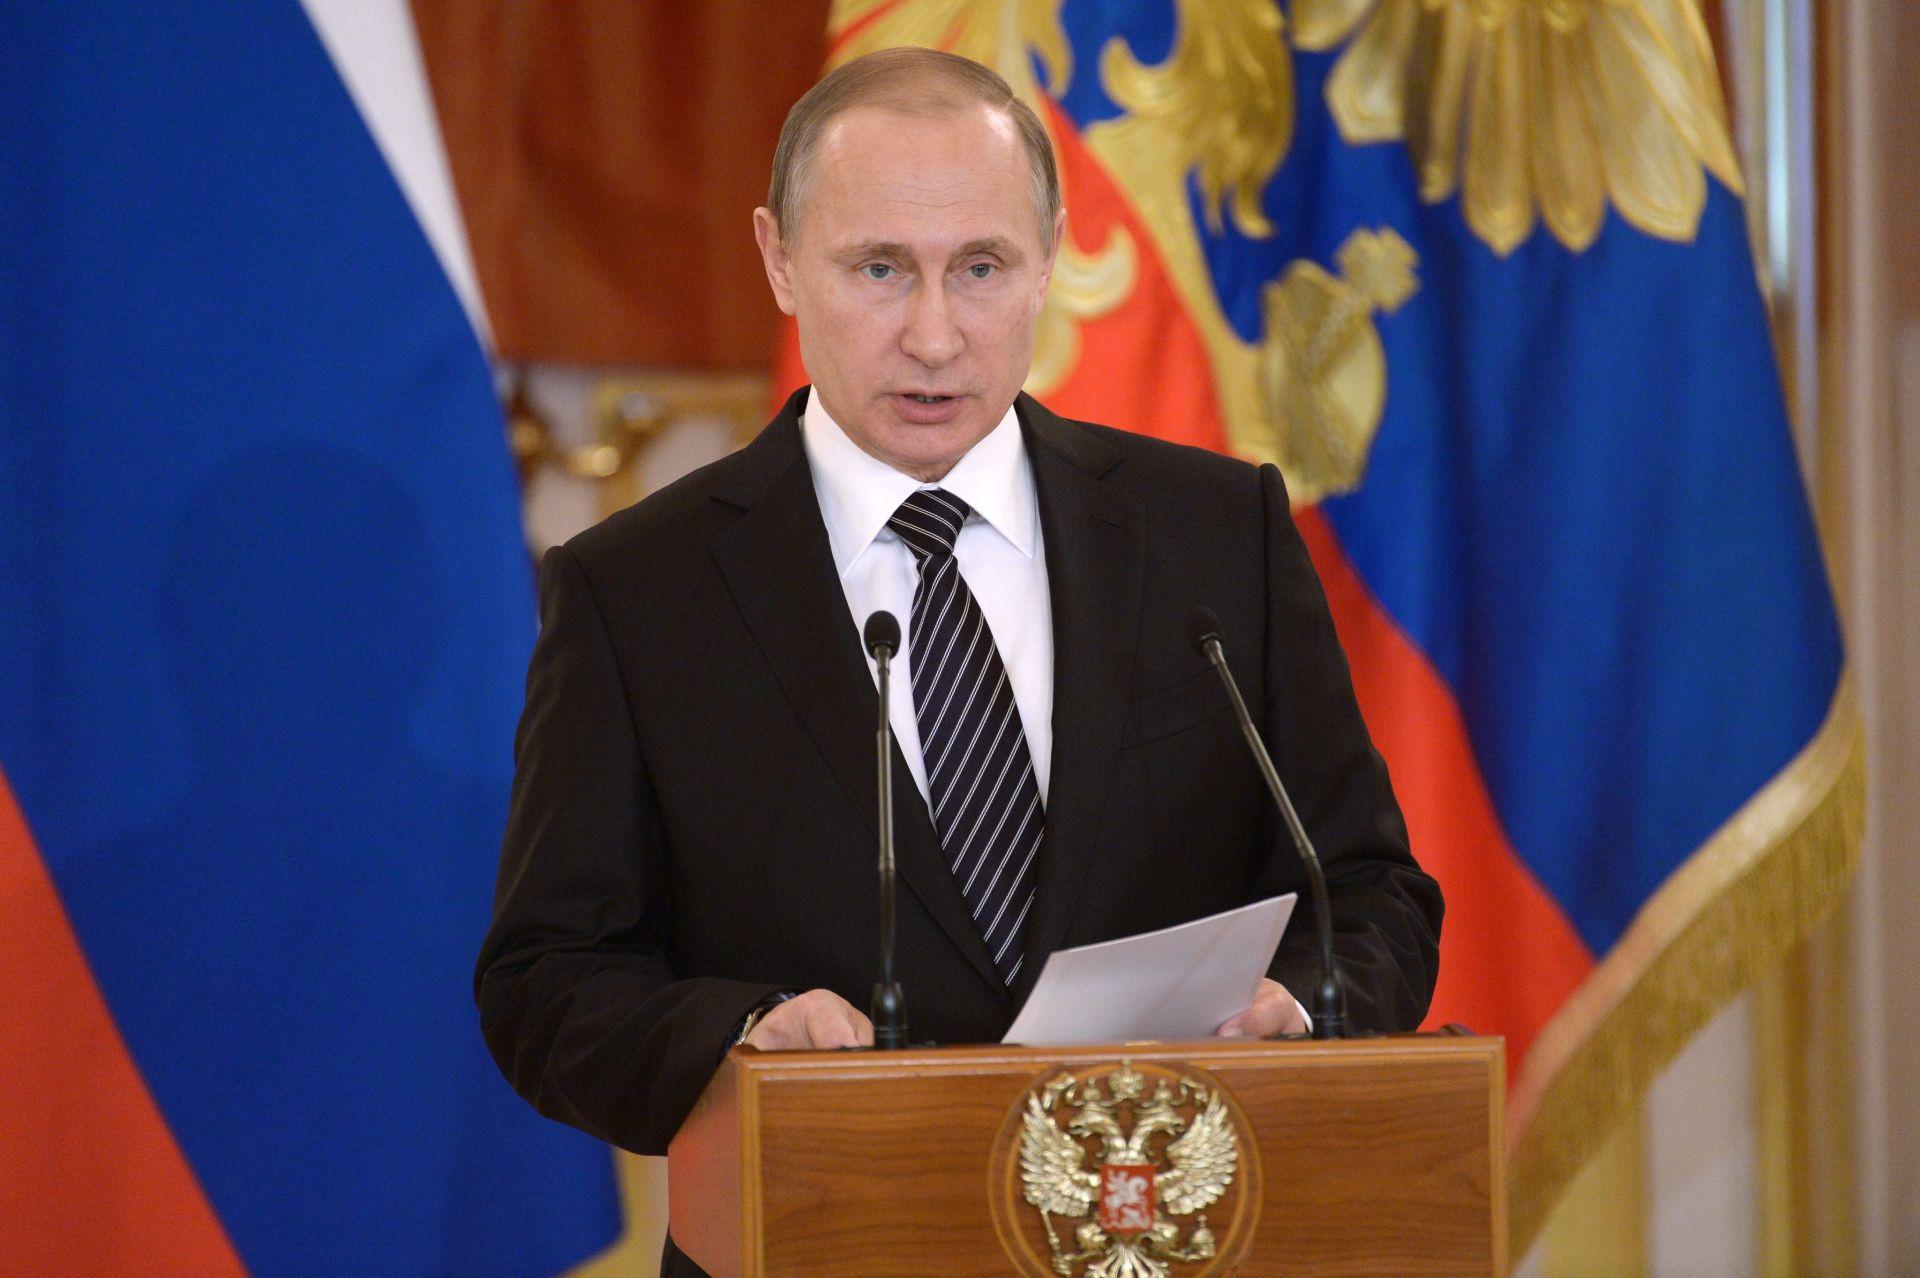 PUTINOVA REAKCIJA NA OBAMIN POTEZ: 'Rusija neće nasjesti na provokacije'